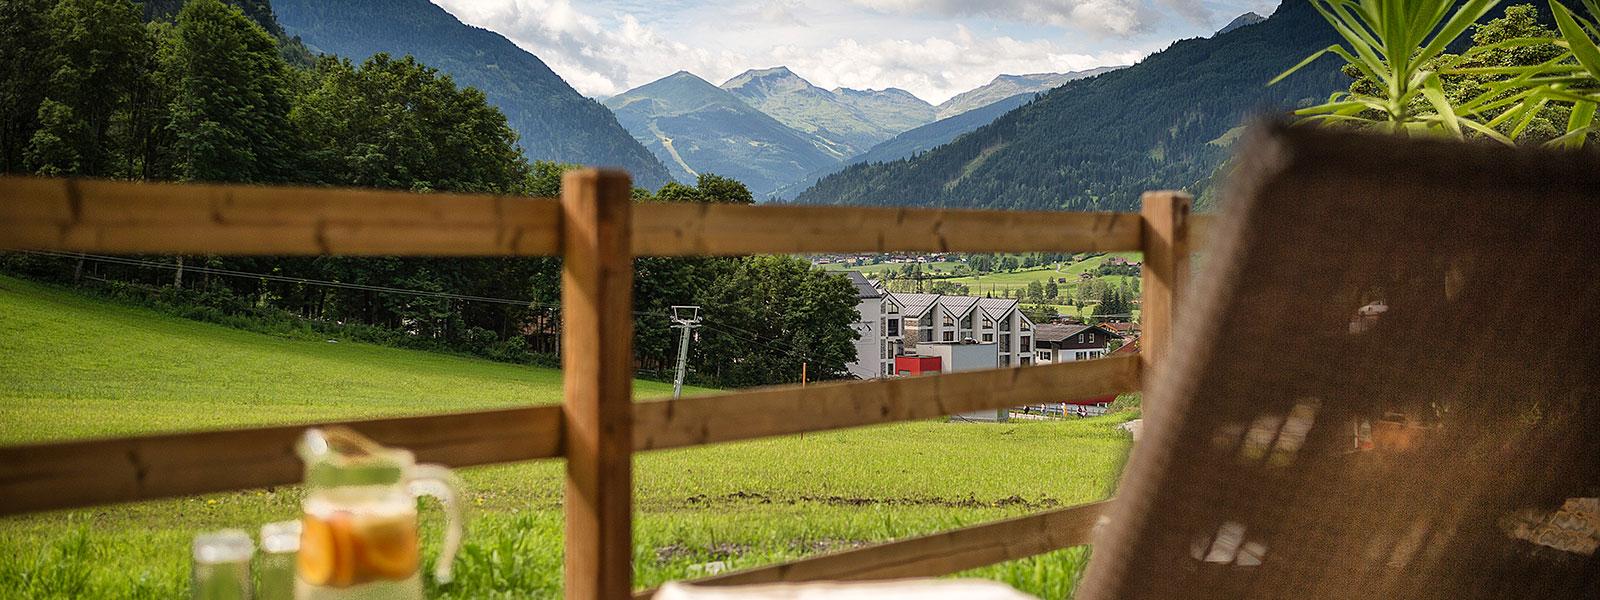 Dorfgastein das Dorf in Gastein Einkehr im Gasteinertal